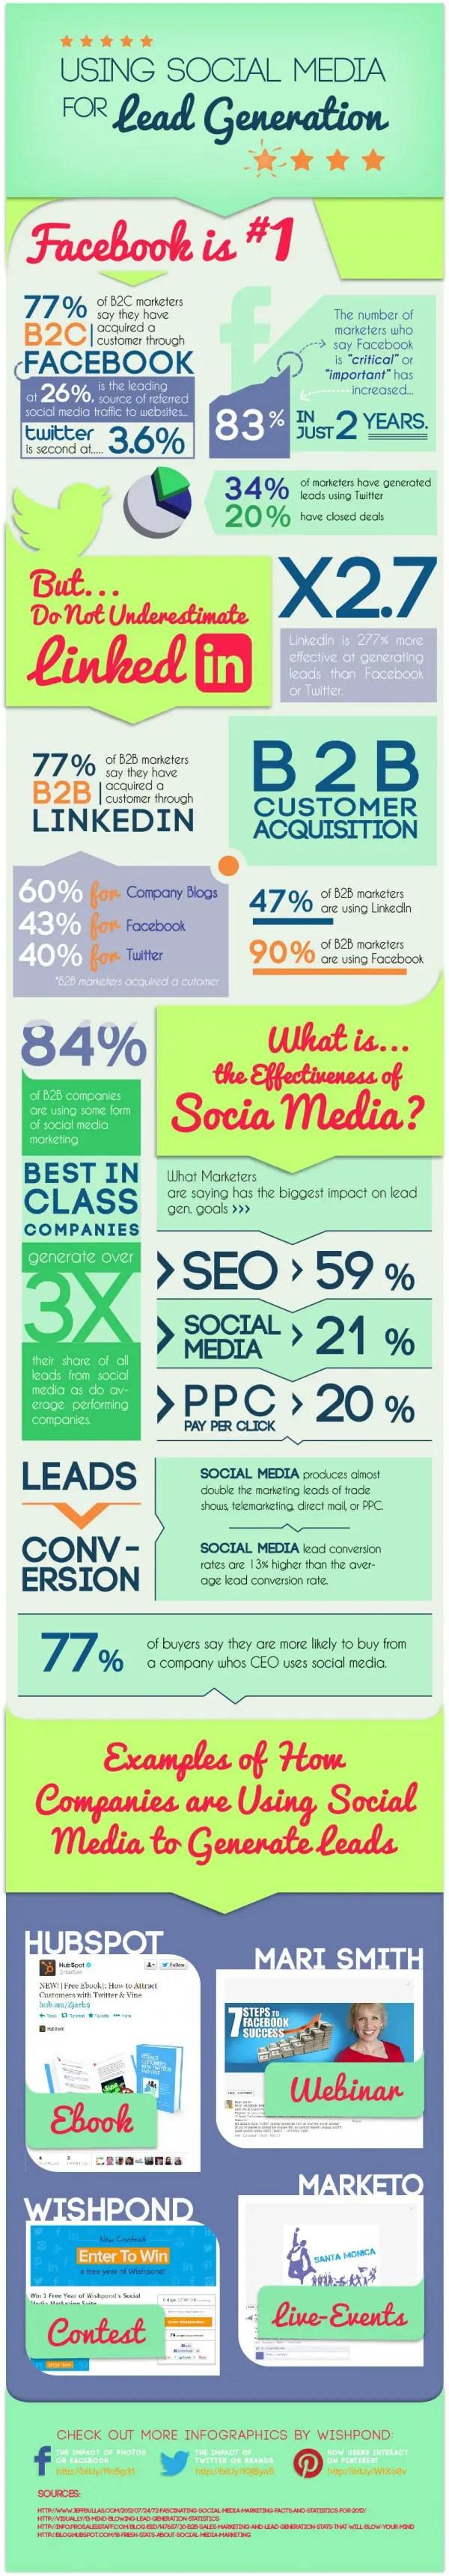 infographic - WeRSM